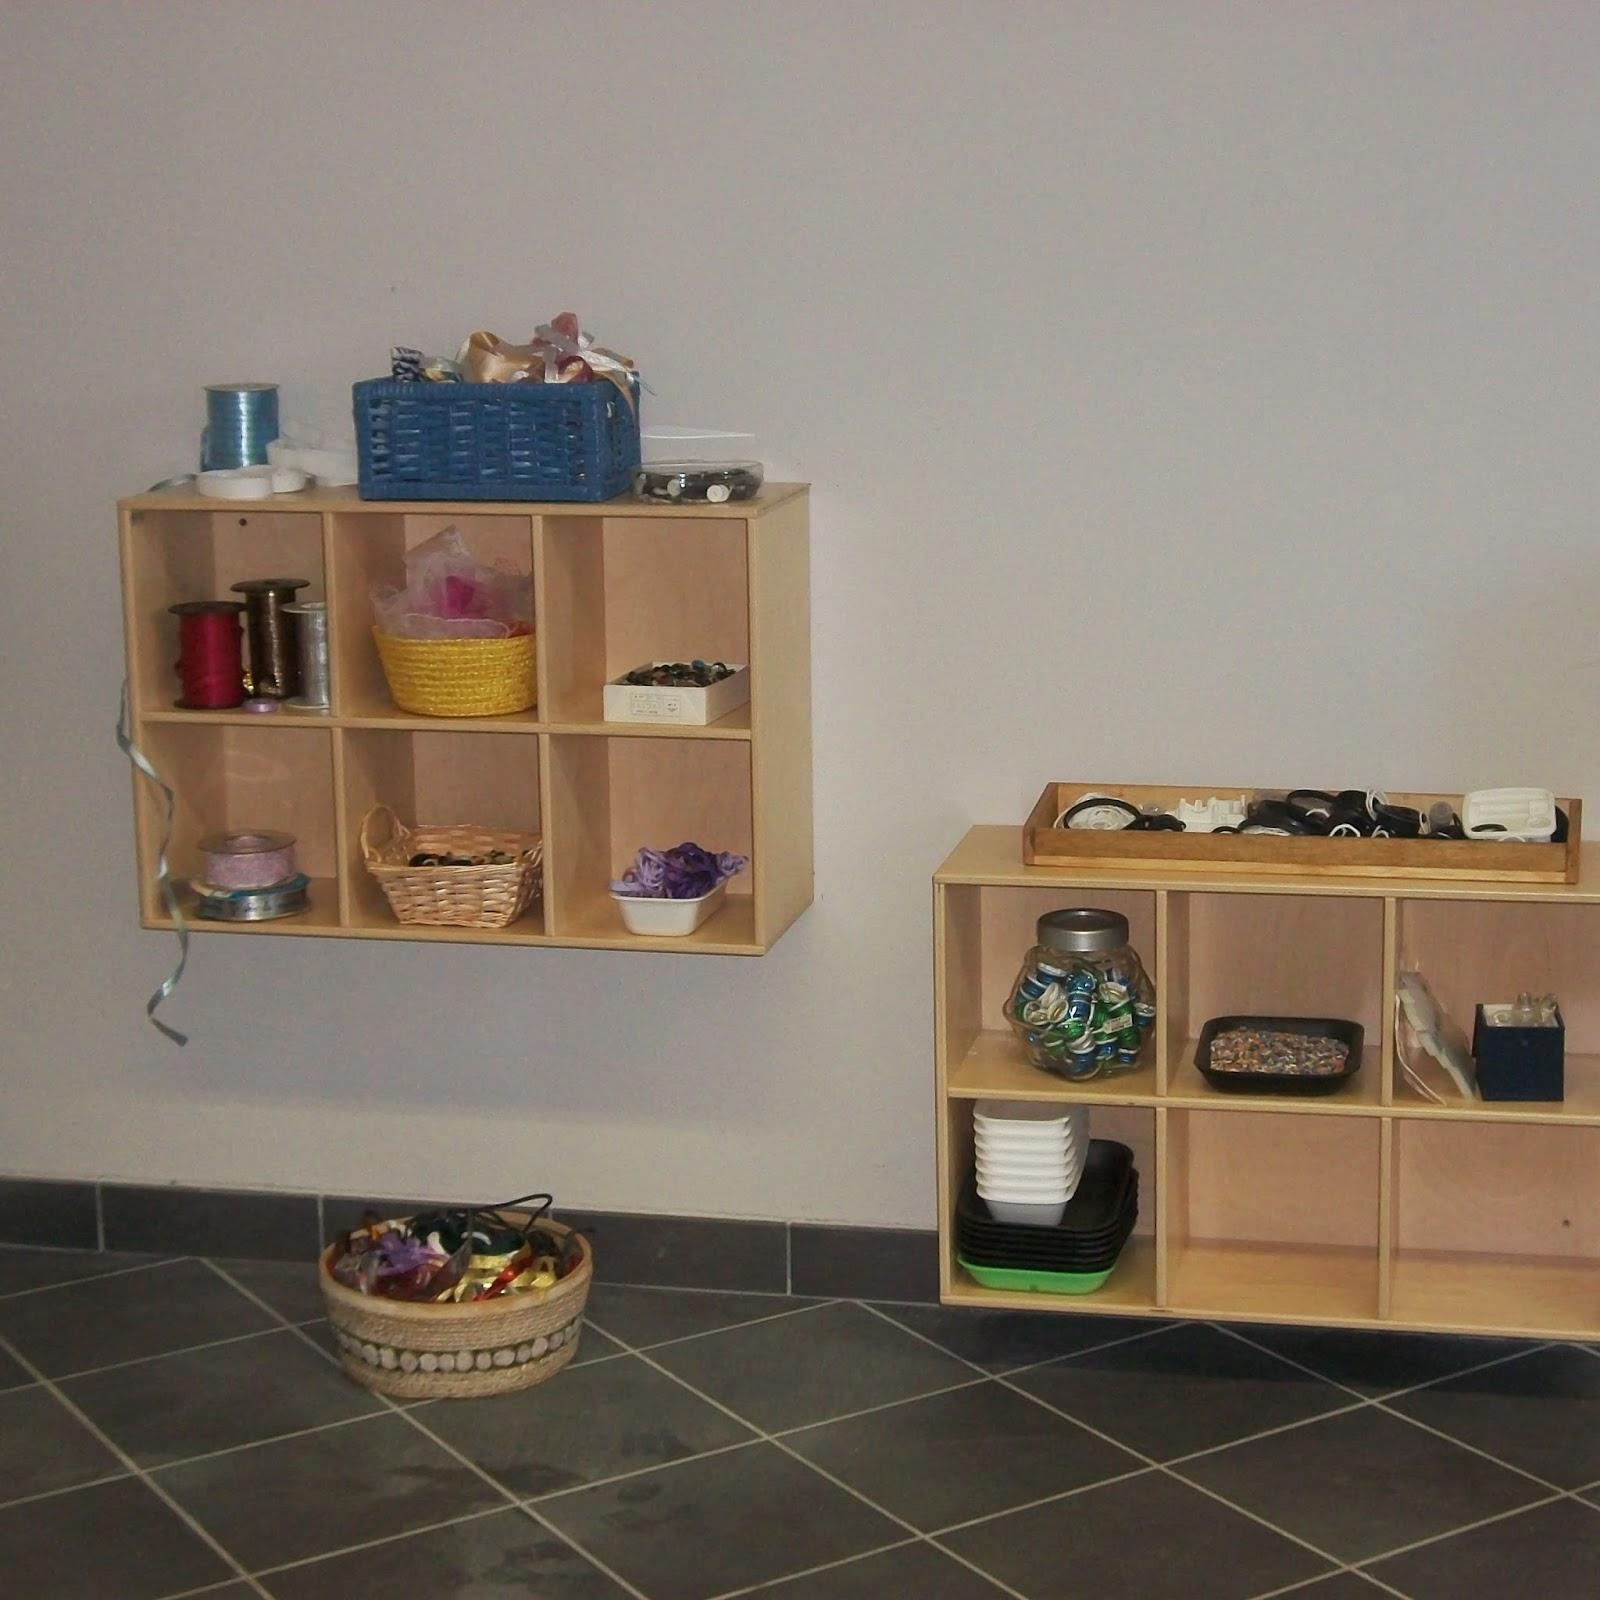 Organizzare lo spazio e arredare con materiali riciclati - Foto 8